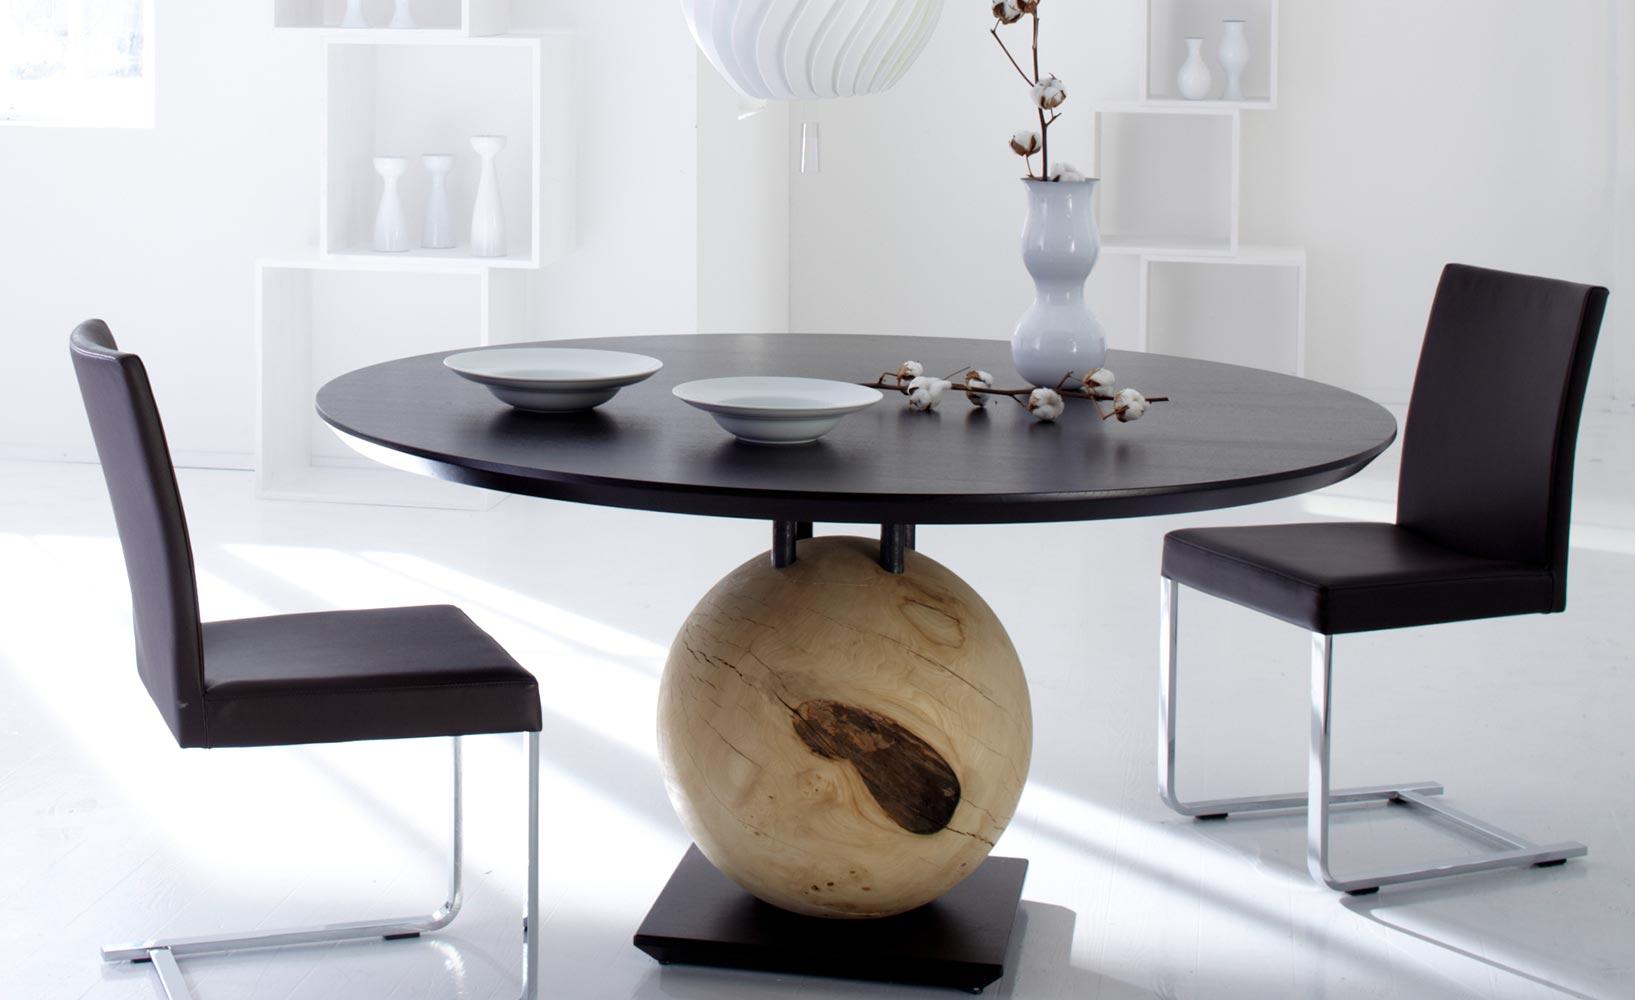 Möbel aus Massivholz - oft unterschätzt